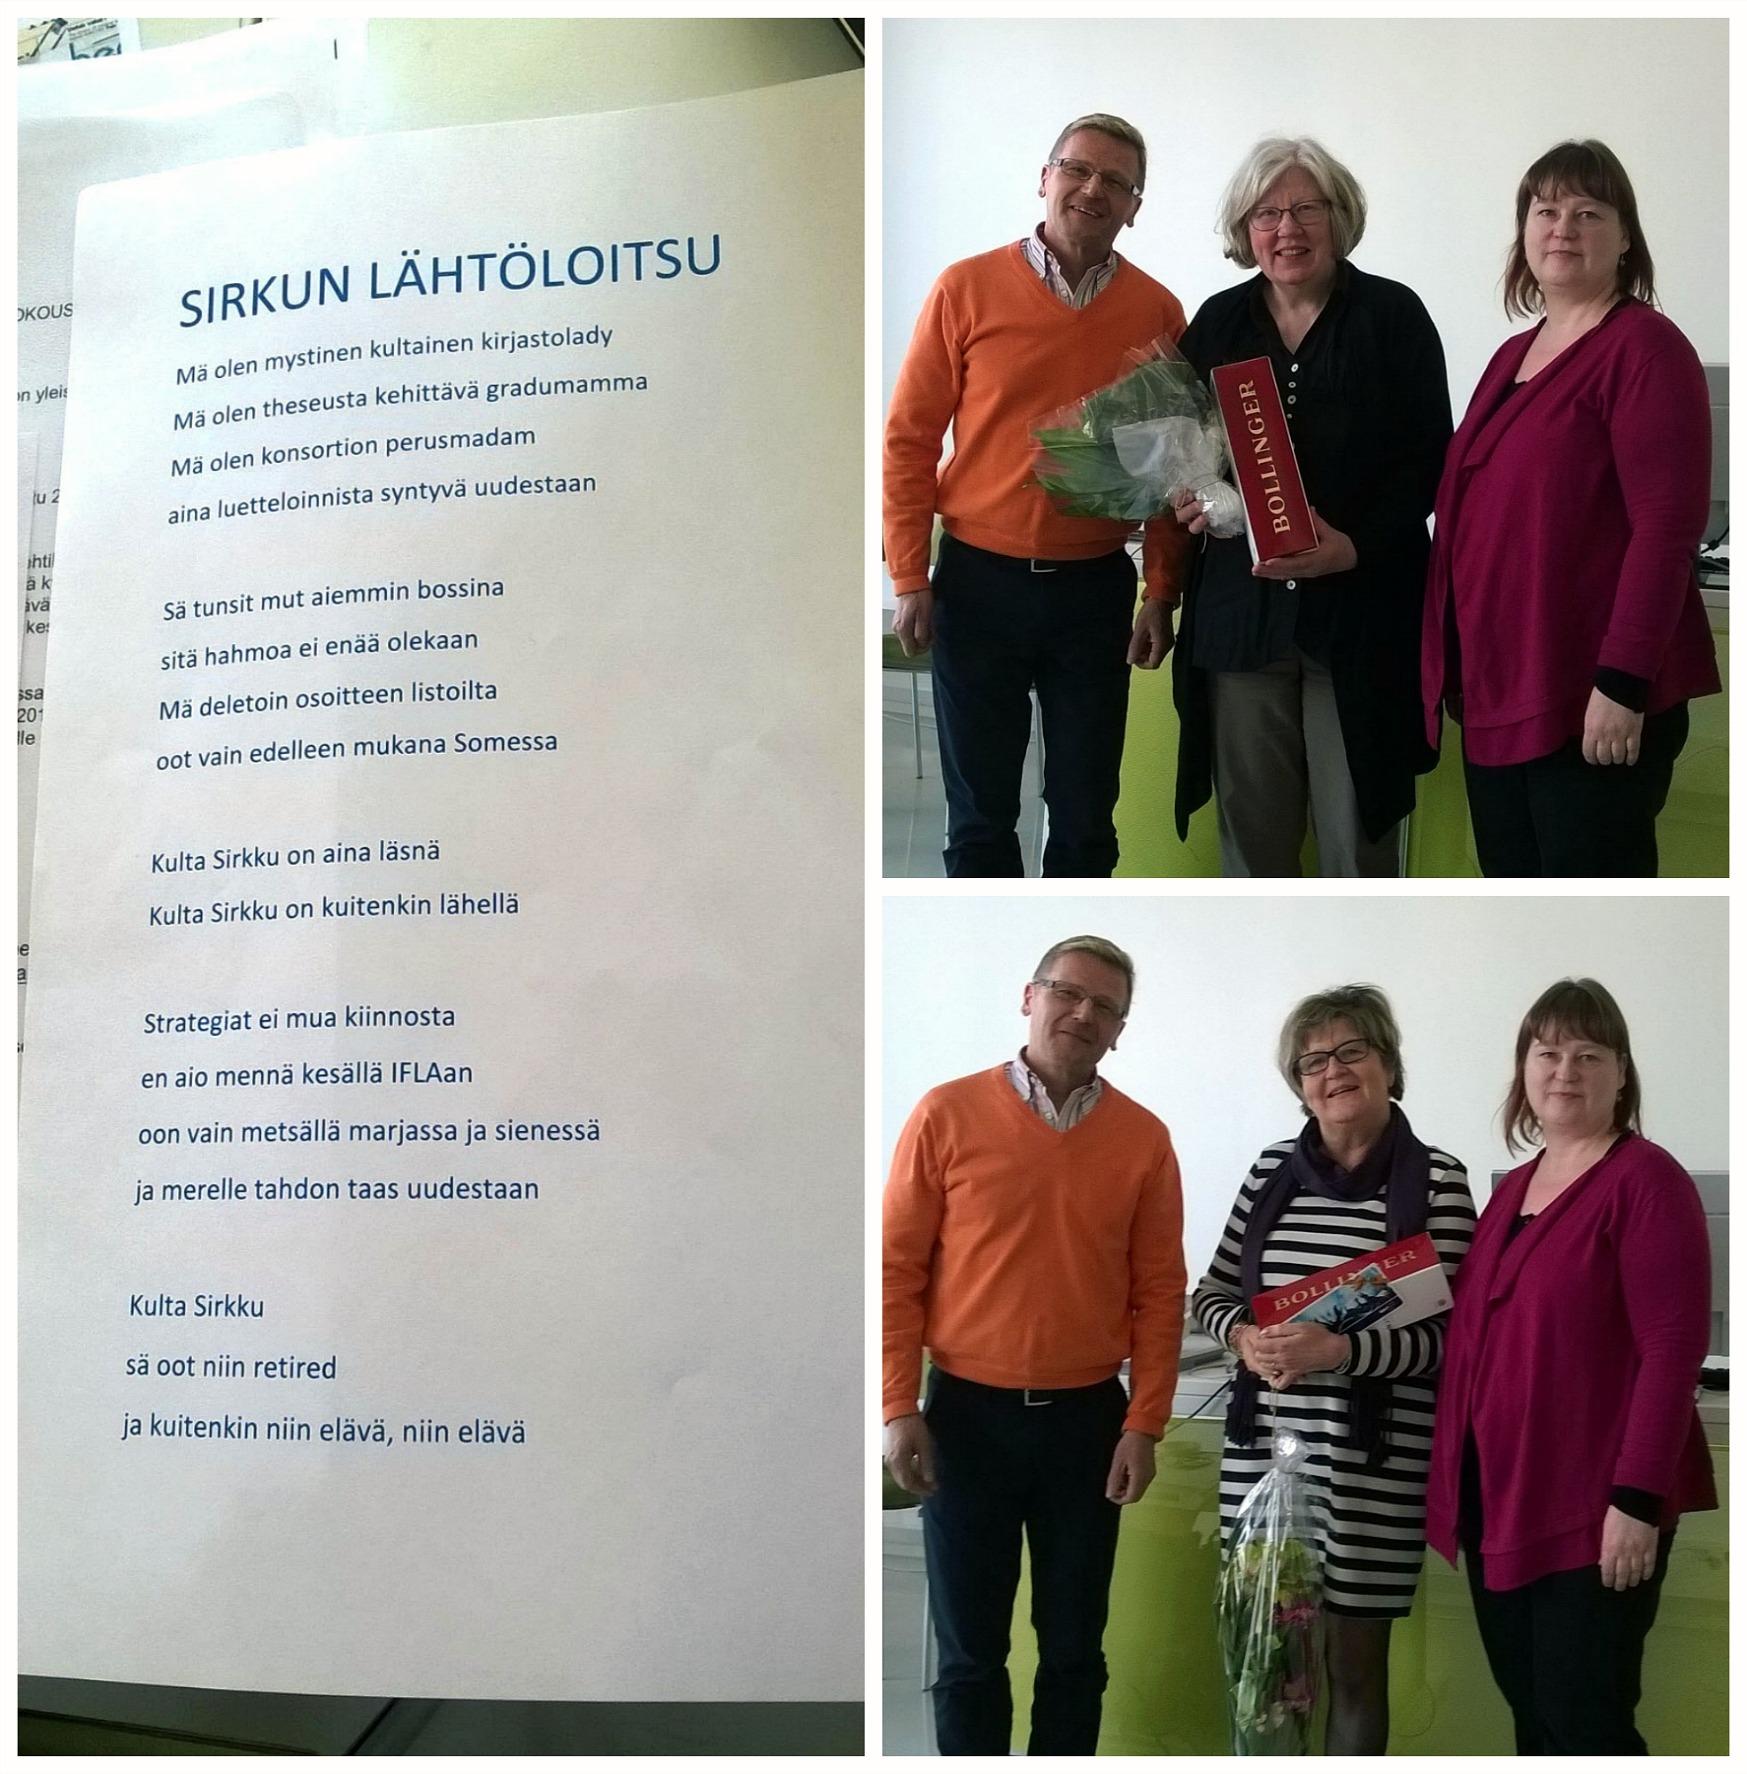 Kuvissa Gunilla Jansson, Marita Ahola (VAMK) ja Kari Tiainen (Karelia)